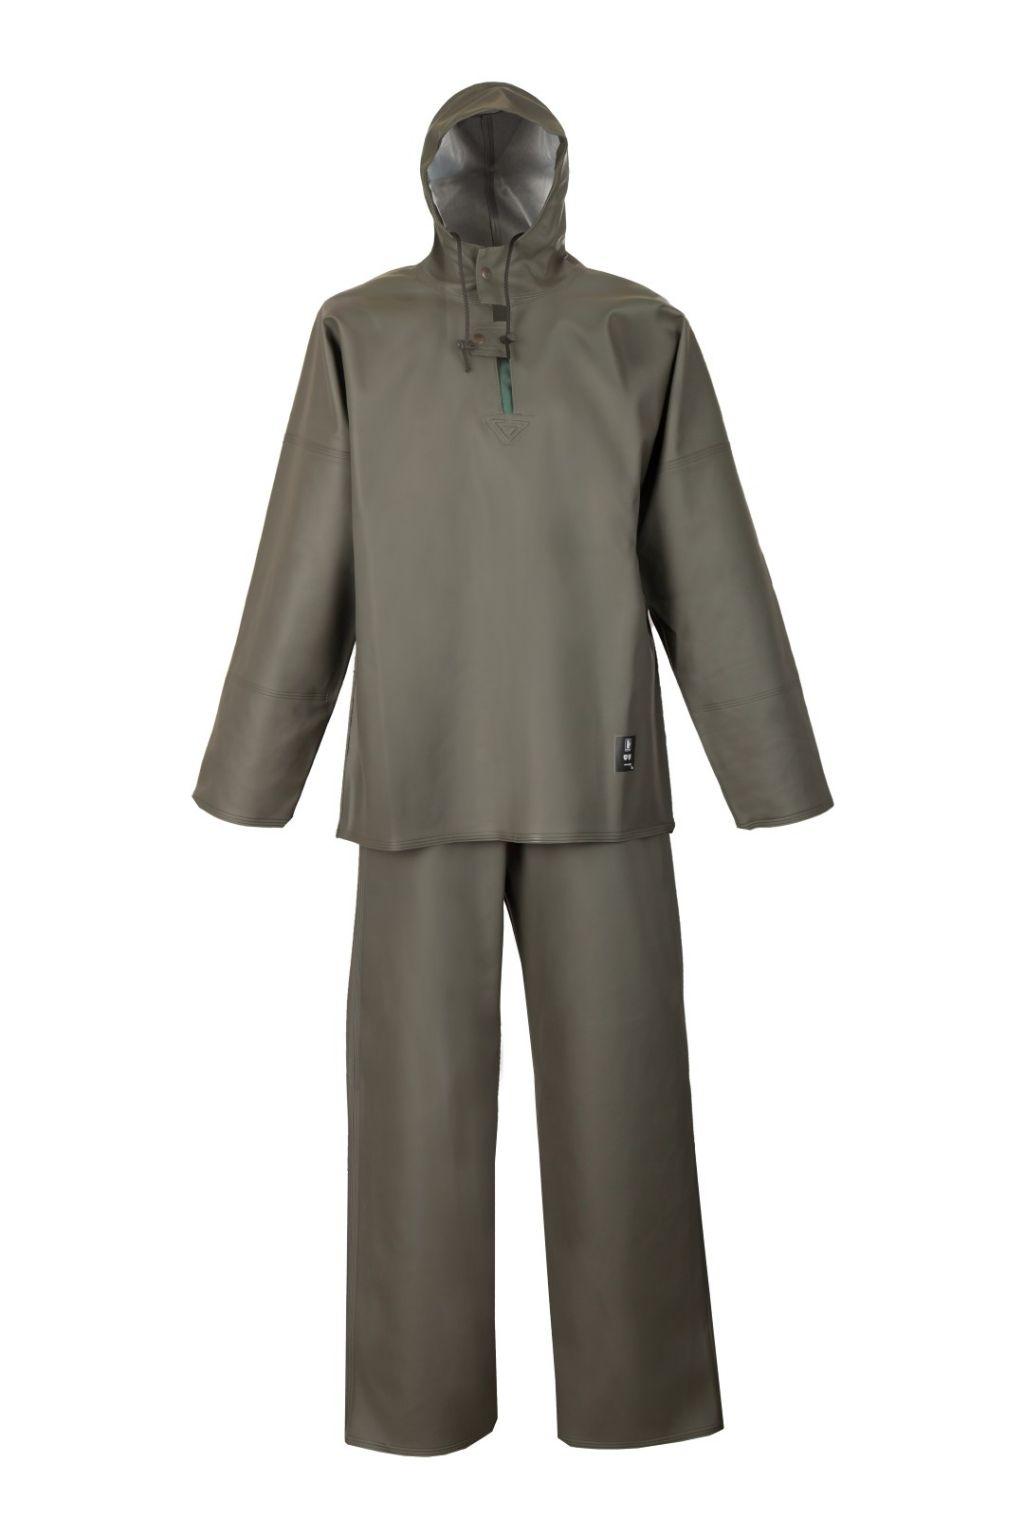 1066/006 KLADY Rybárske Oblečenie je windbreaker Na Lodi